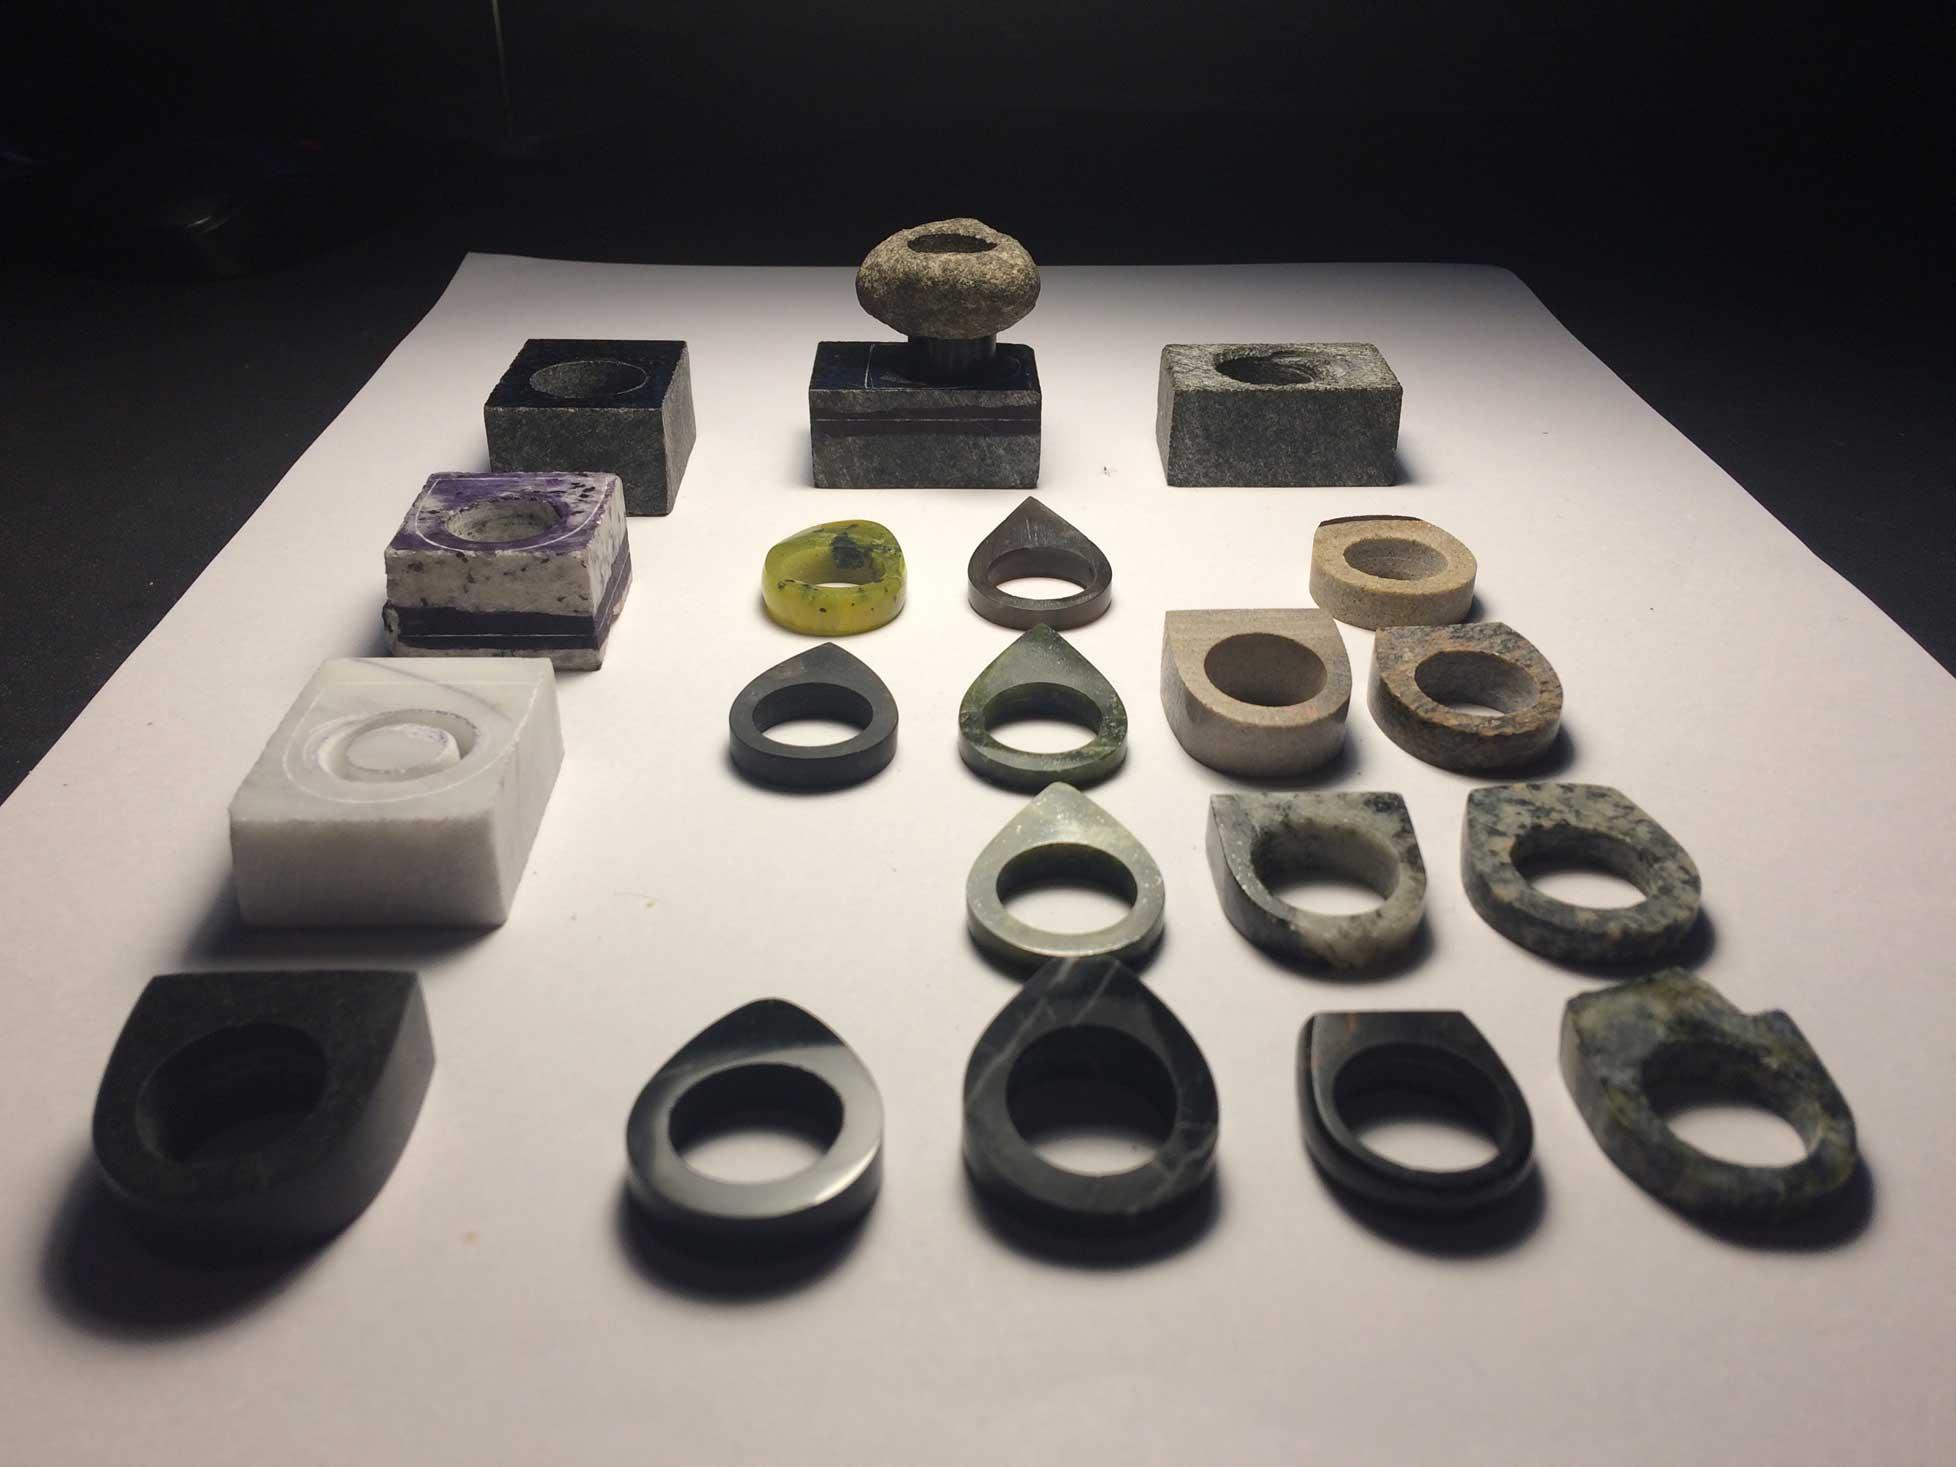 Produktudvikling og Industrielt Design Fremstilling af prototyper af smykker i sten og ædelsten 2